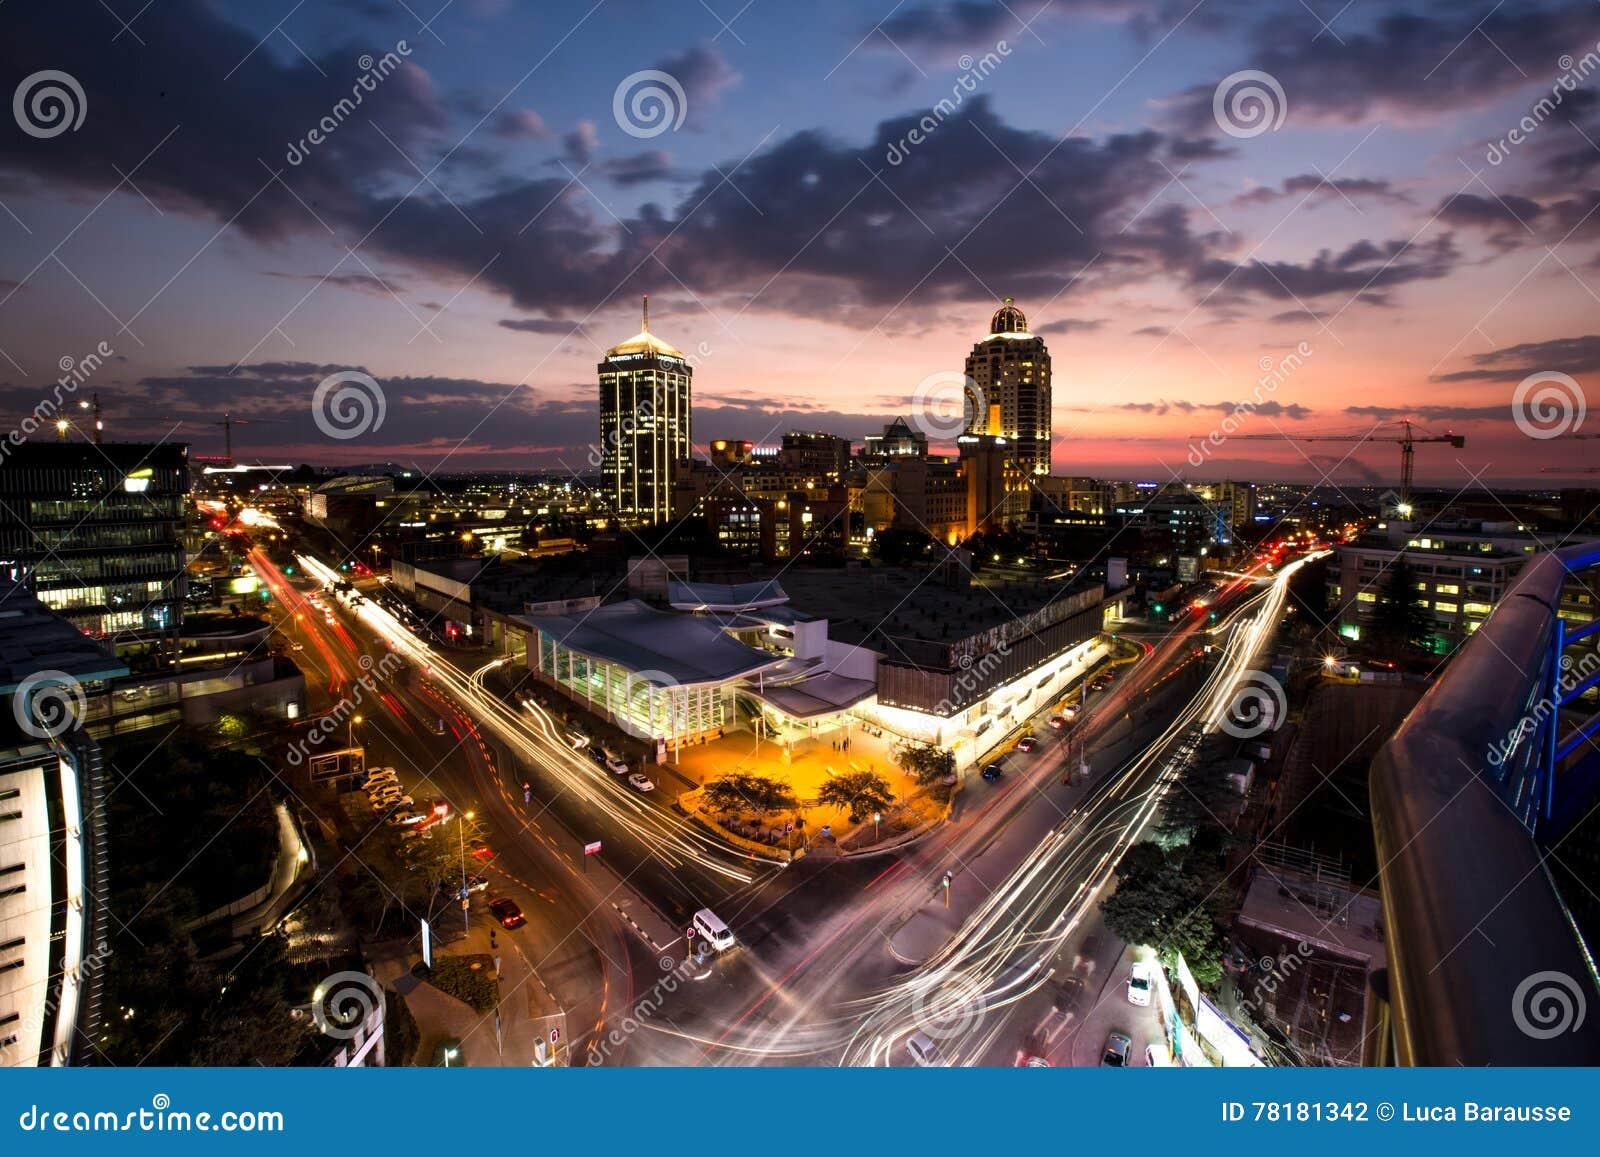 Sandton, Johannesburg, Gauteng, South Africa.